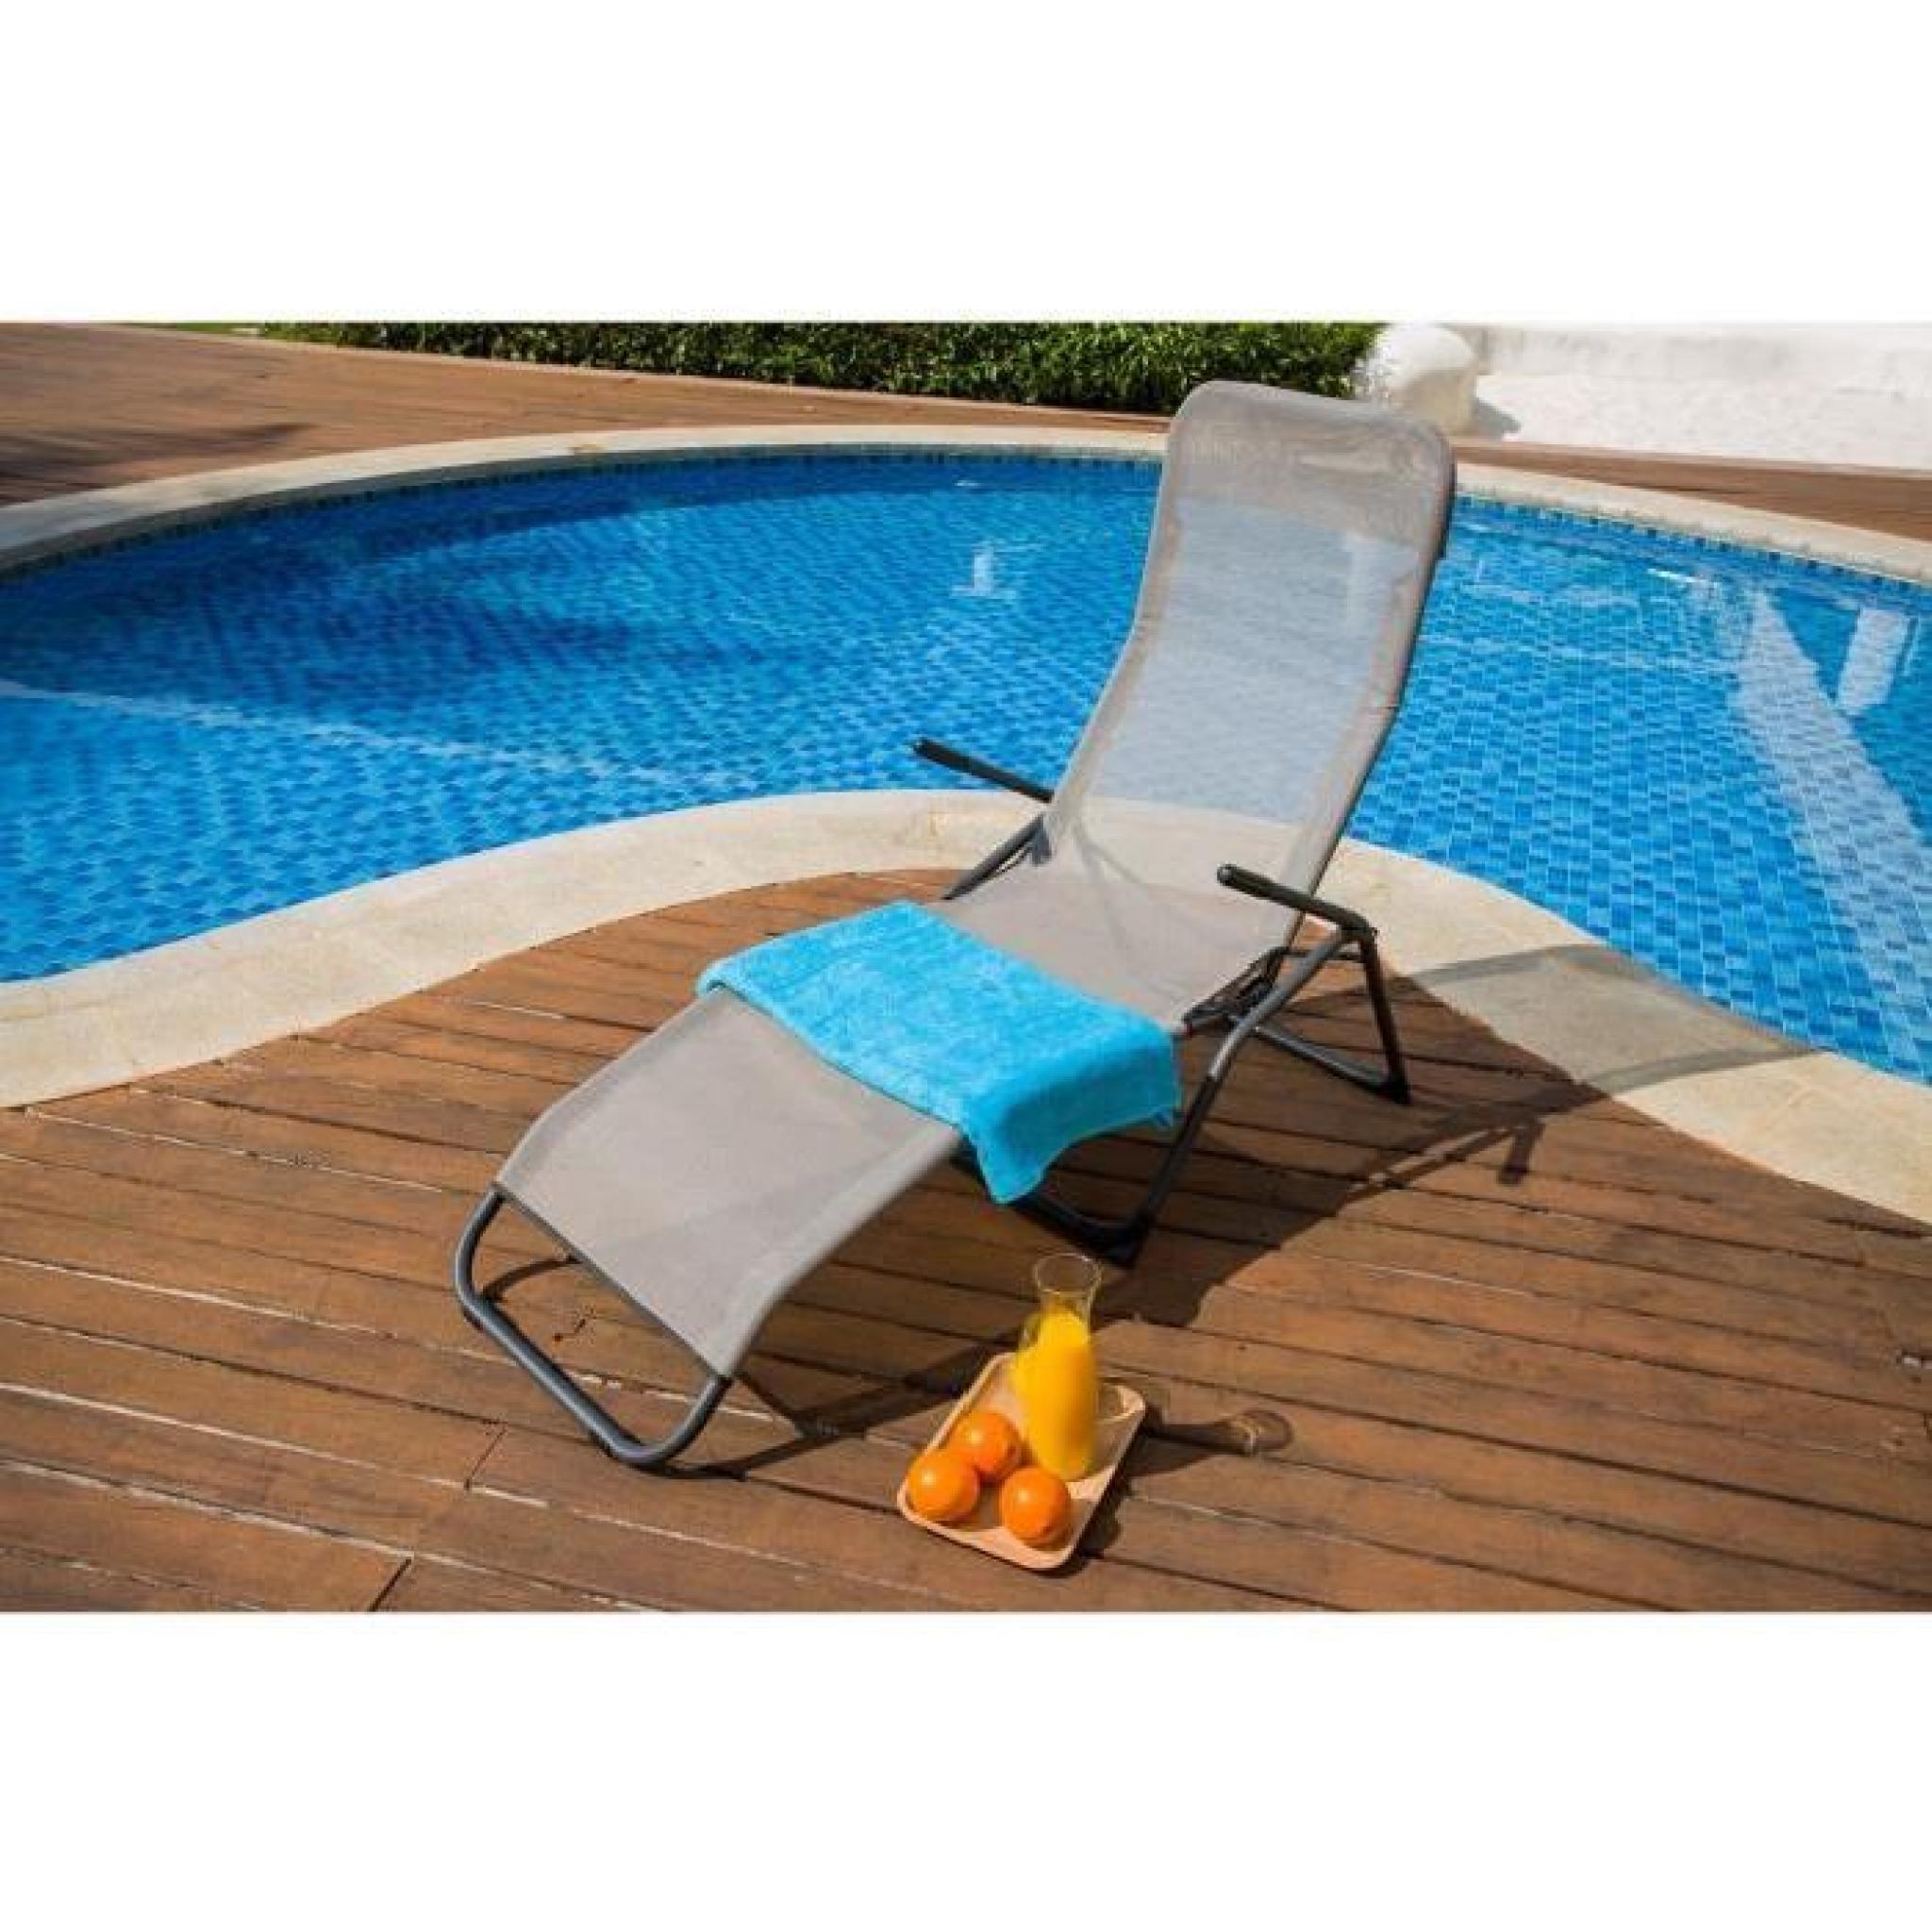 g nial bain de soleil a bascule pas cher id es de bain de soleil. Black Bedroom Furniture Sets. Home Design Ideas